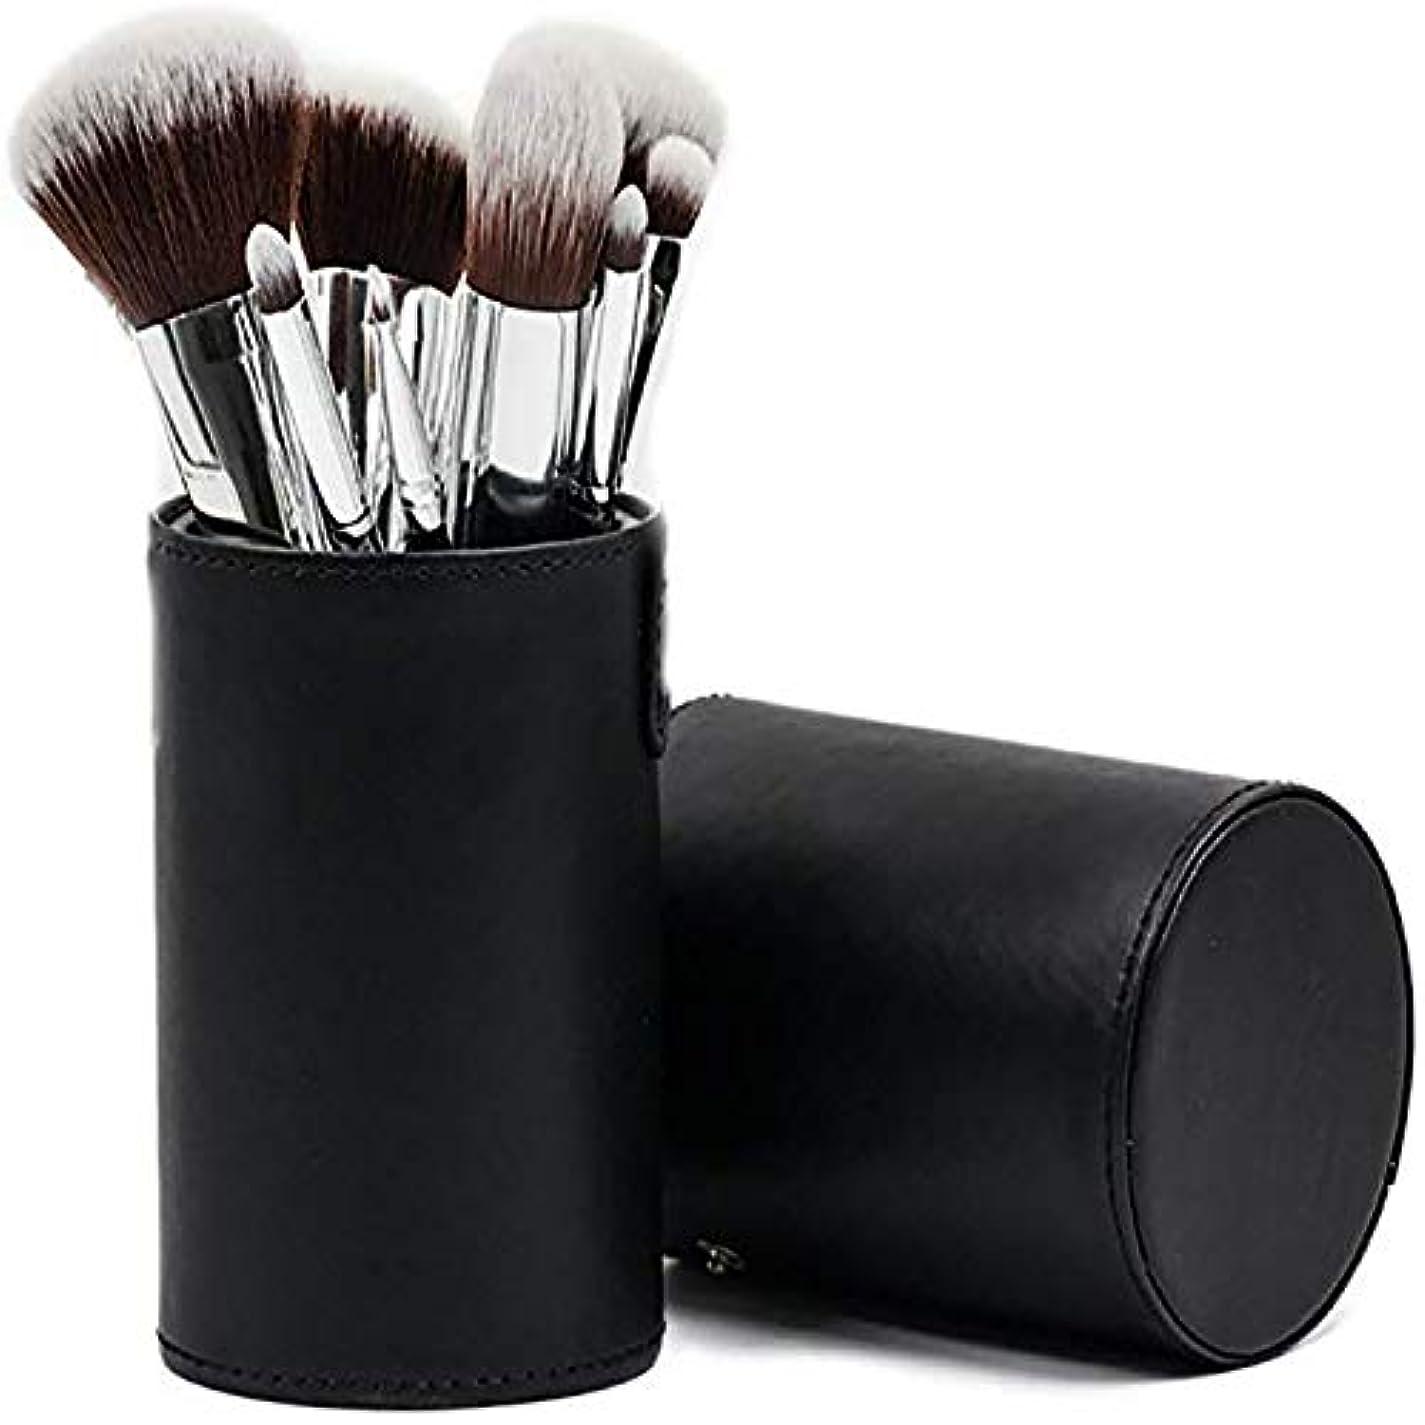 黒くする皿はげ[Huadoud]メイクブラシ 11本セット 化粧筆 フ ェイスブラシ 化粧ブラシ ブラック 収納ケース付き SCW-HZshua-11